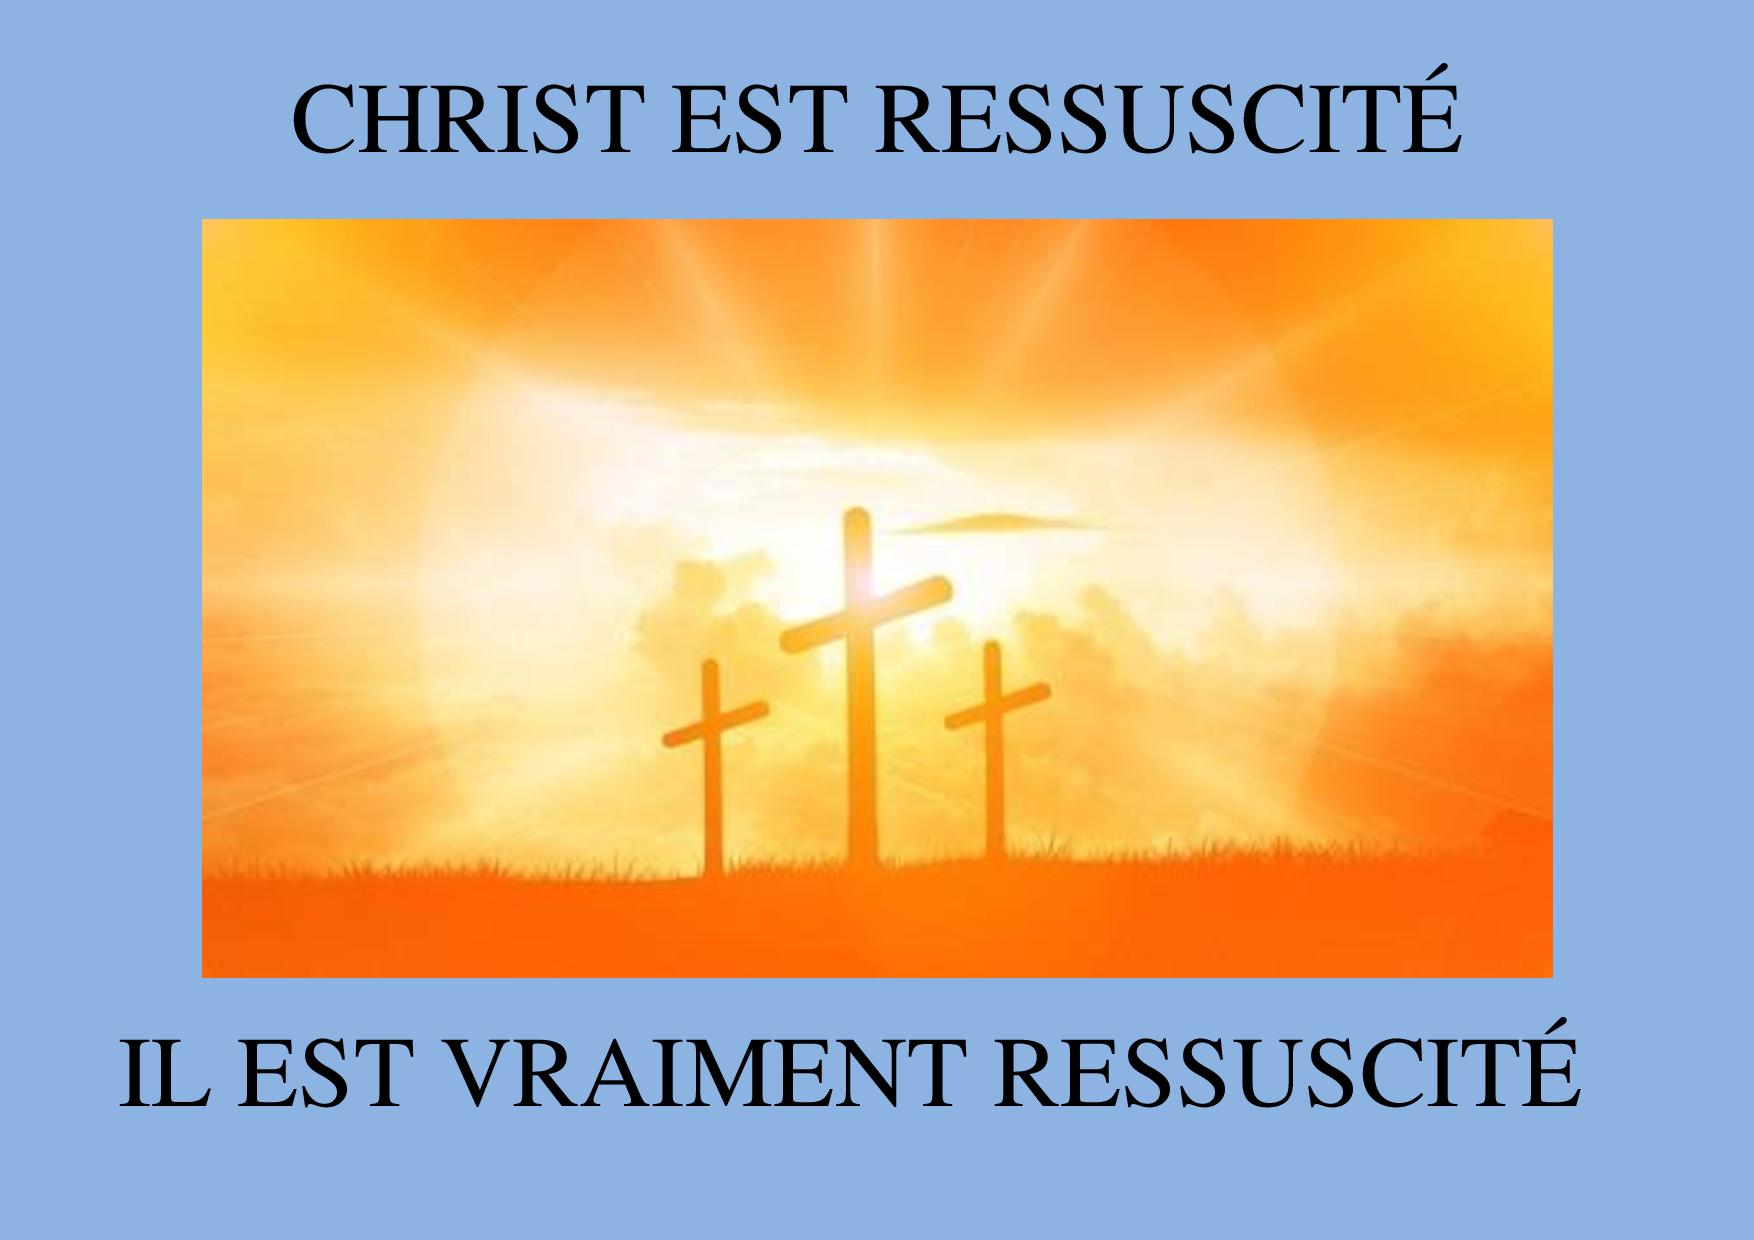 Christ est ressuscité - Il est vraiment ressuscité